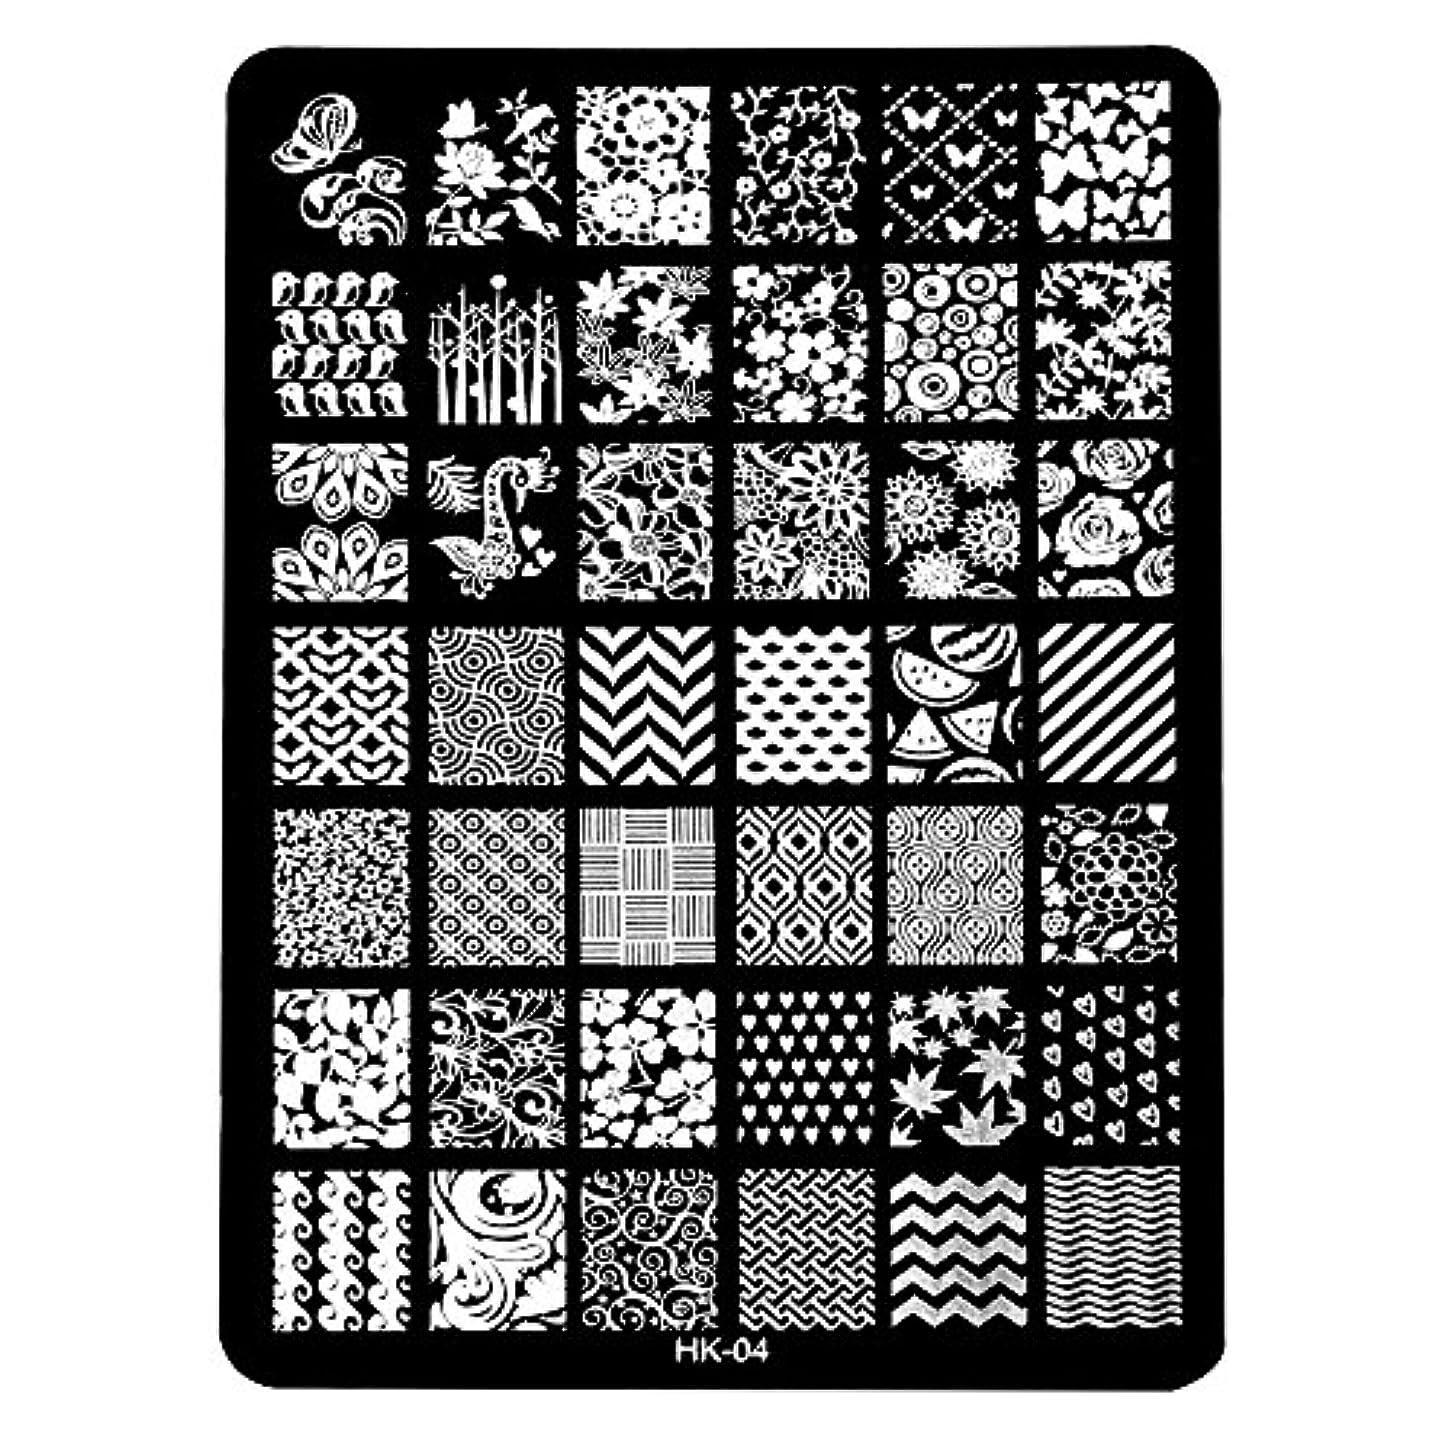 酸市の花バランス[ルテンズ] スタンピングプレートセット 花柄 ネイルプレート ネイルアートツール ネイルプレート ネイルスタンパー ネイルスタンプ スタンプネイル ネイルデザイン用品